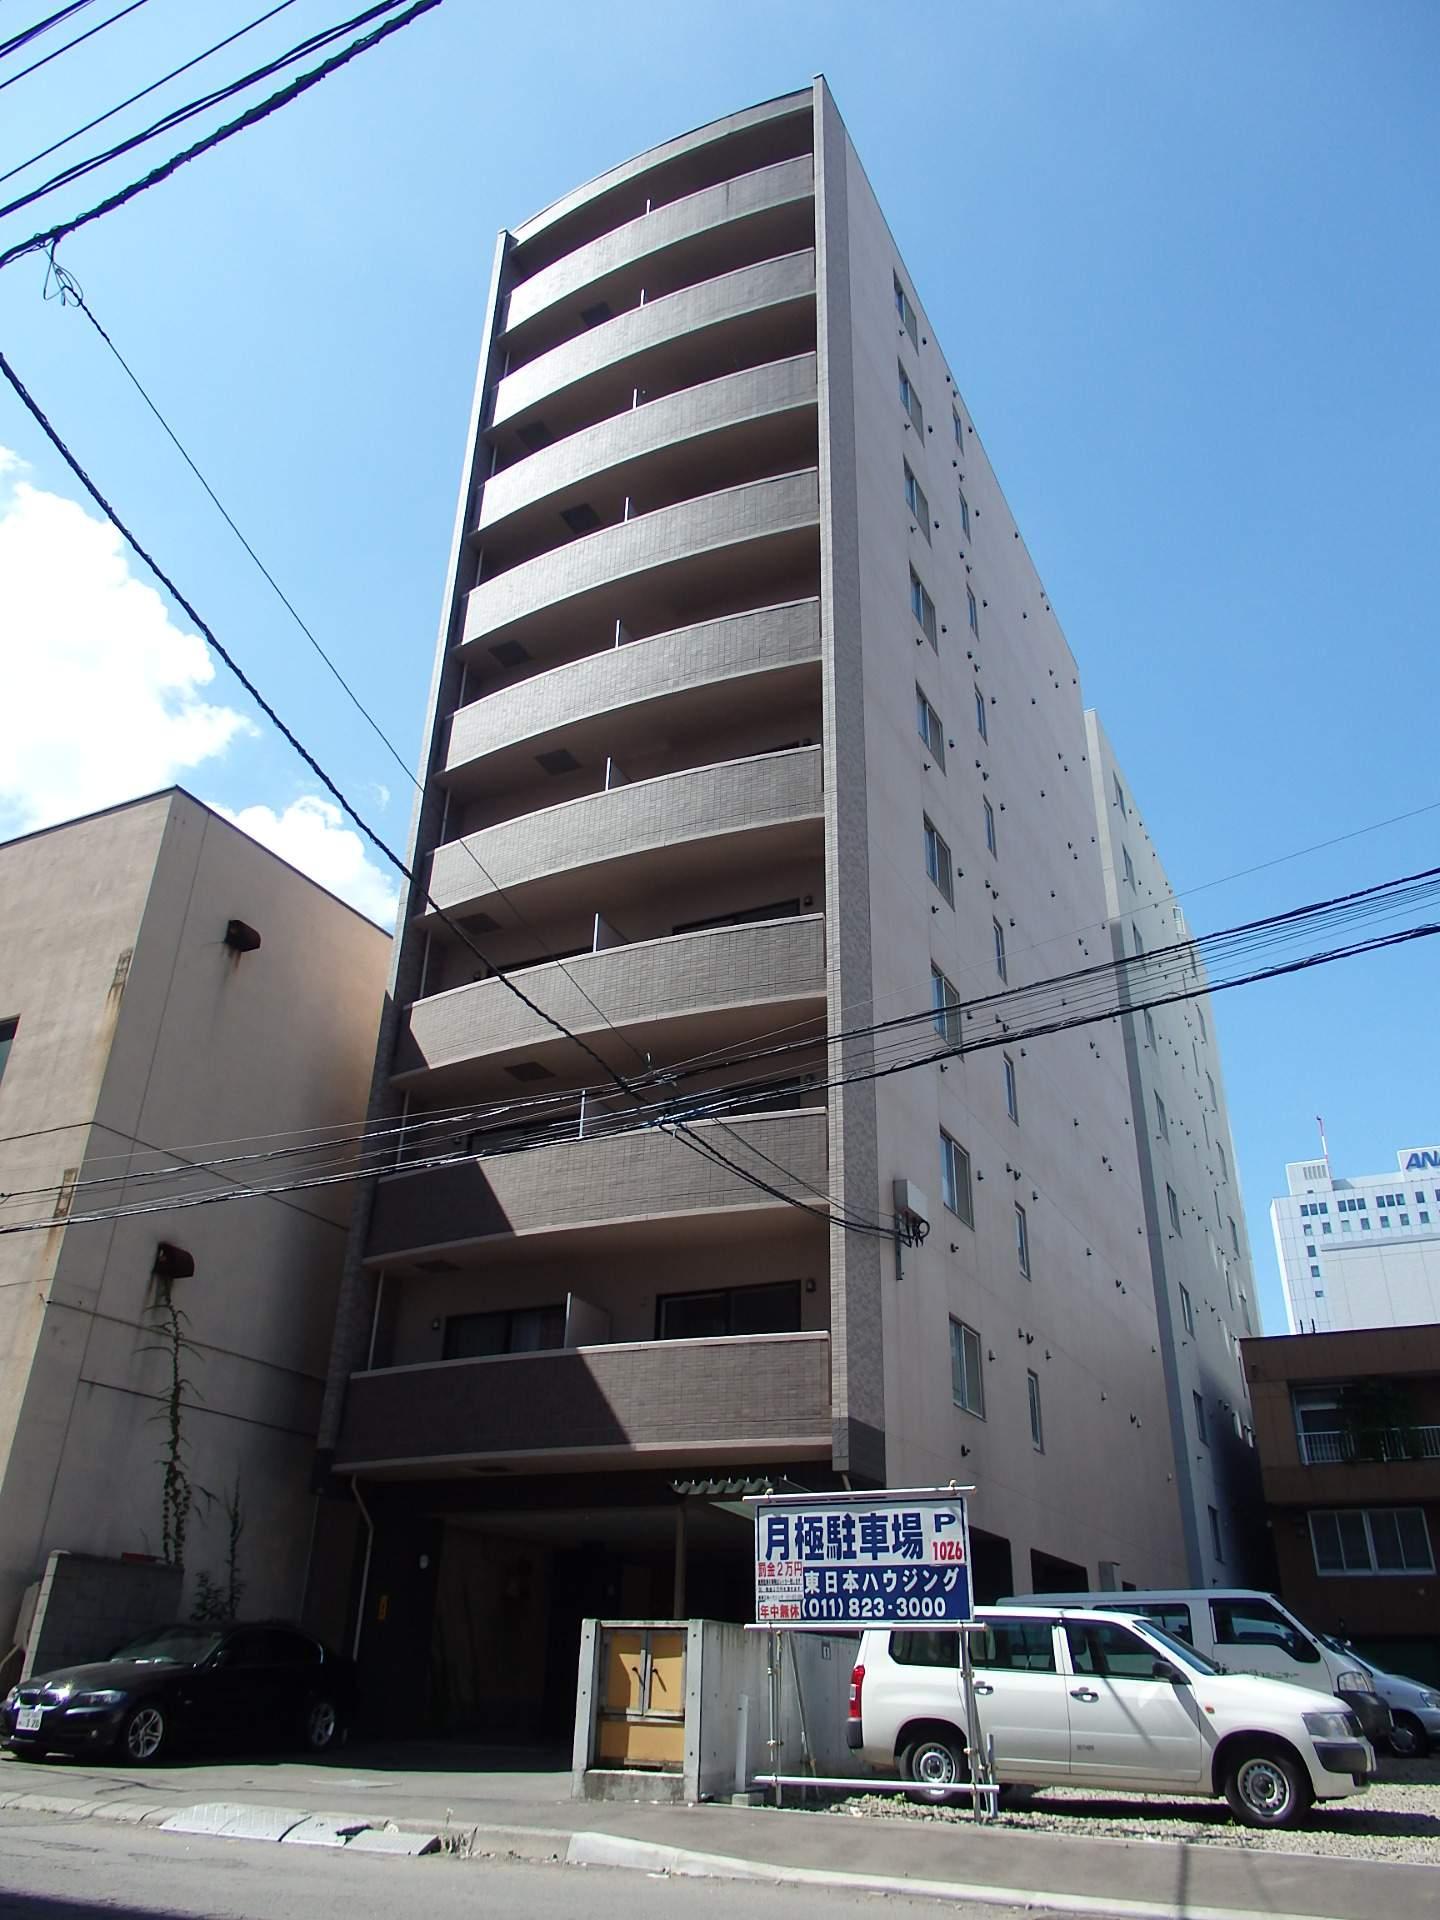 北海道札幌市中央区、バスセンター前駅徒歩8分の築11年 10階建の賃貸マンション